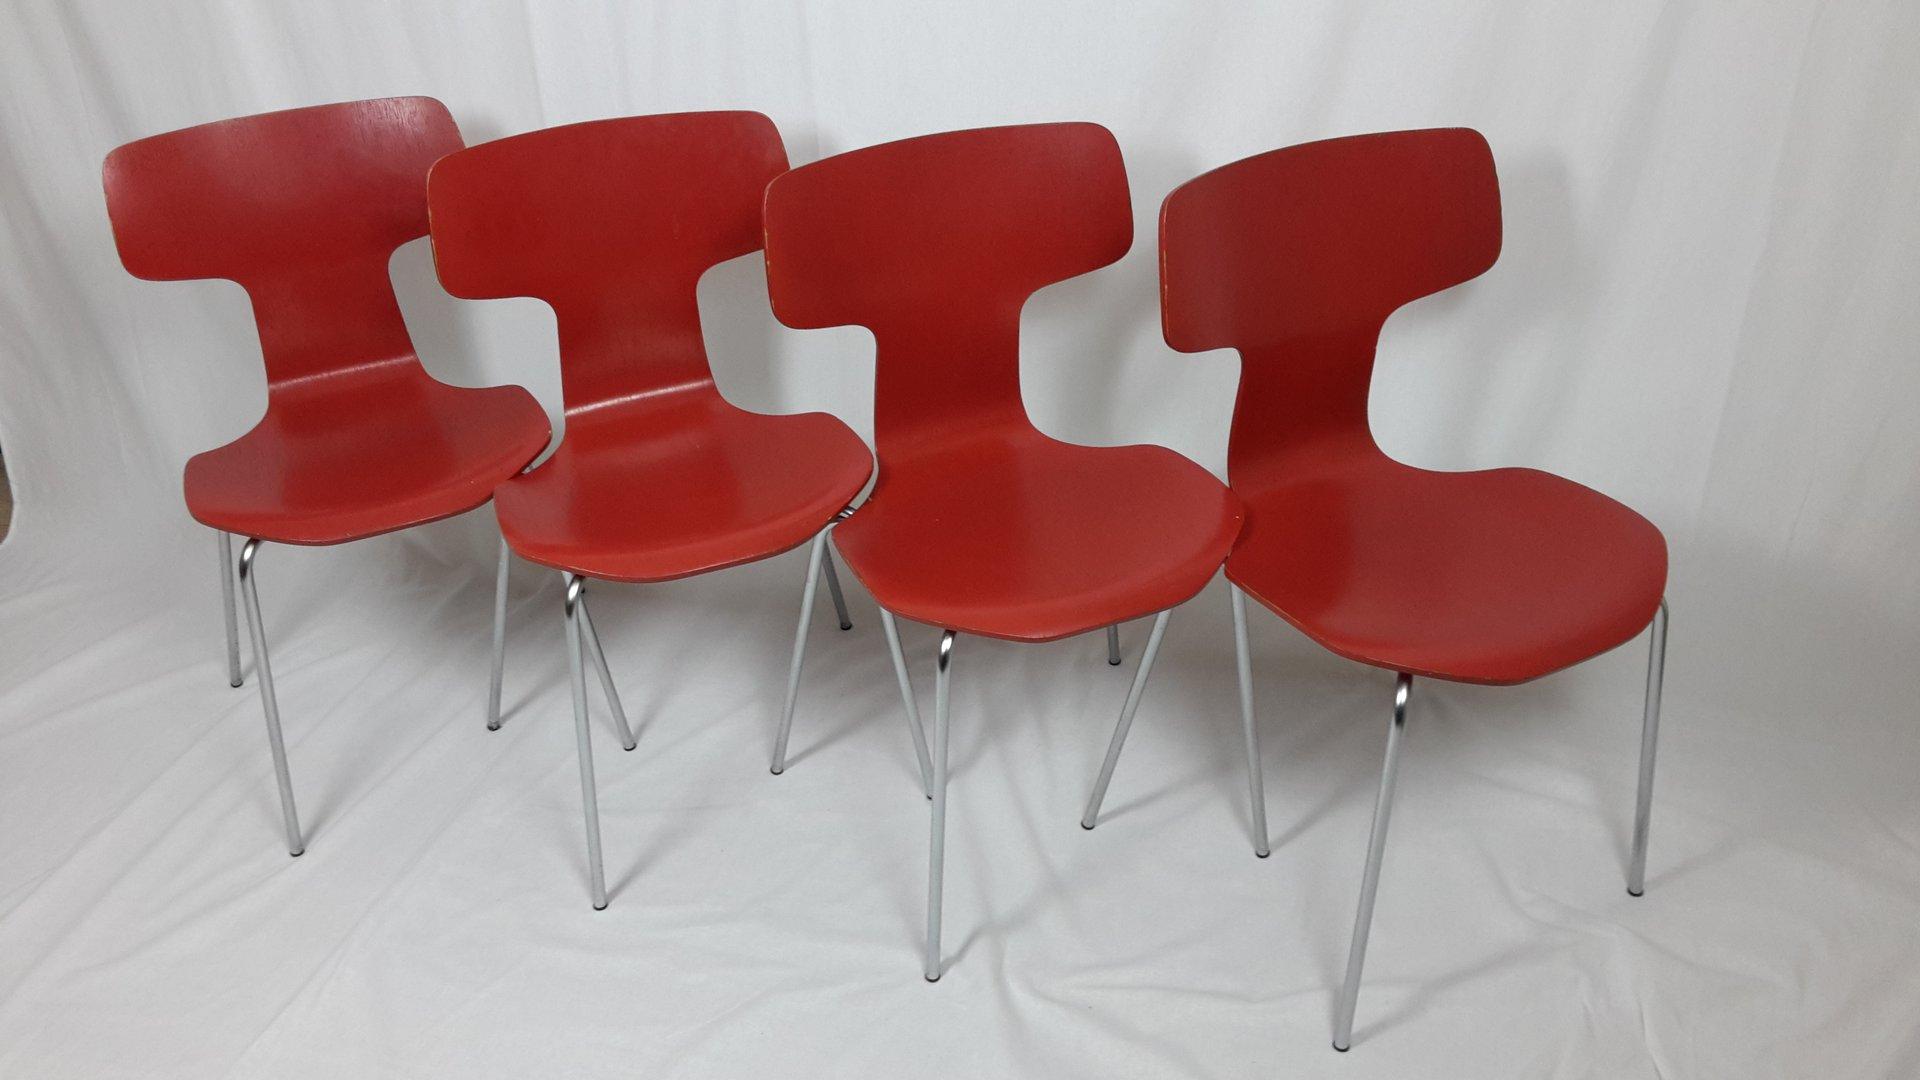 Jacobsen Stühle modell 3103 stühle arne jacobsen für fritz hansen 1960er 4er set bei pamono kaufen